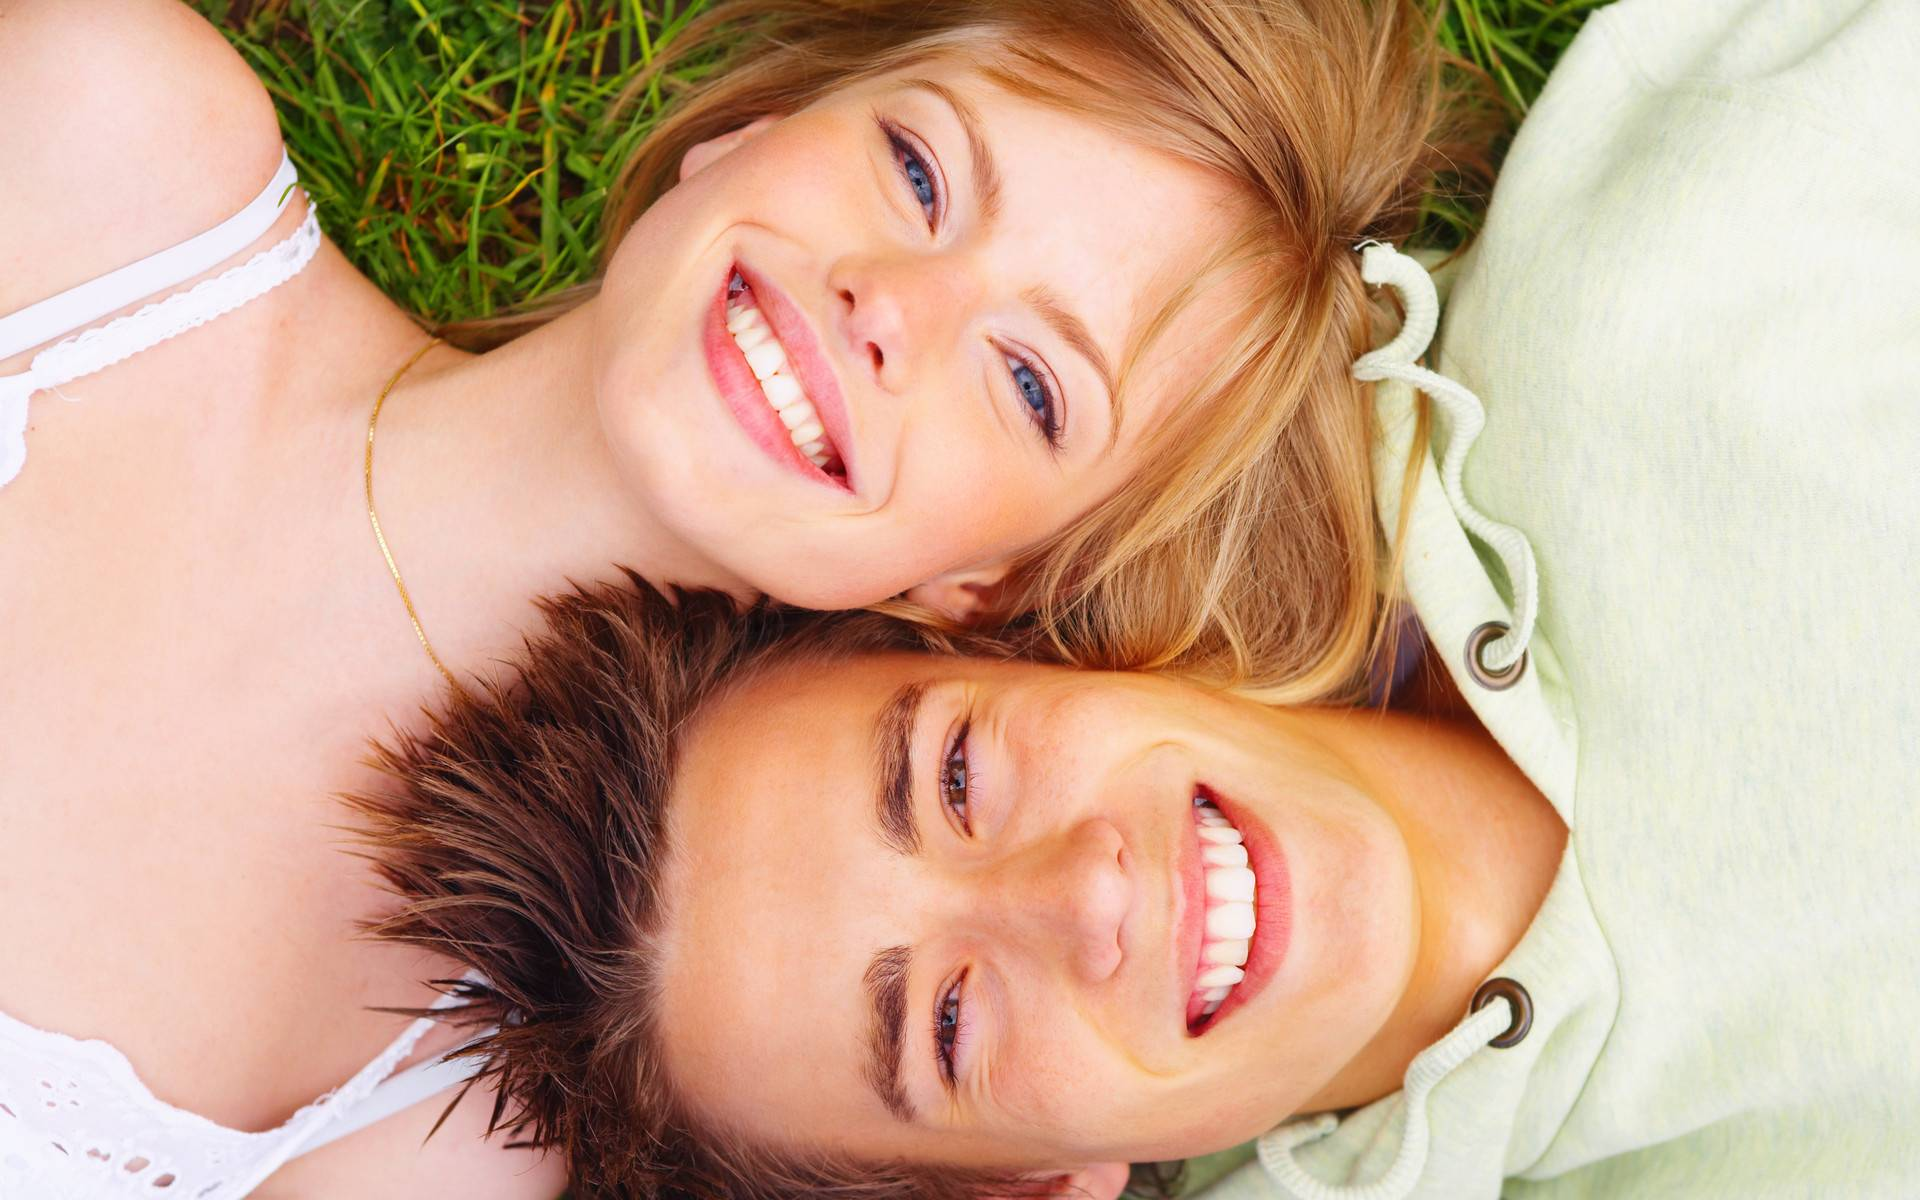 Как научиться красиво улыбаться с зубами?